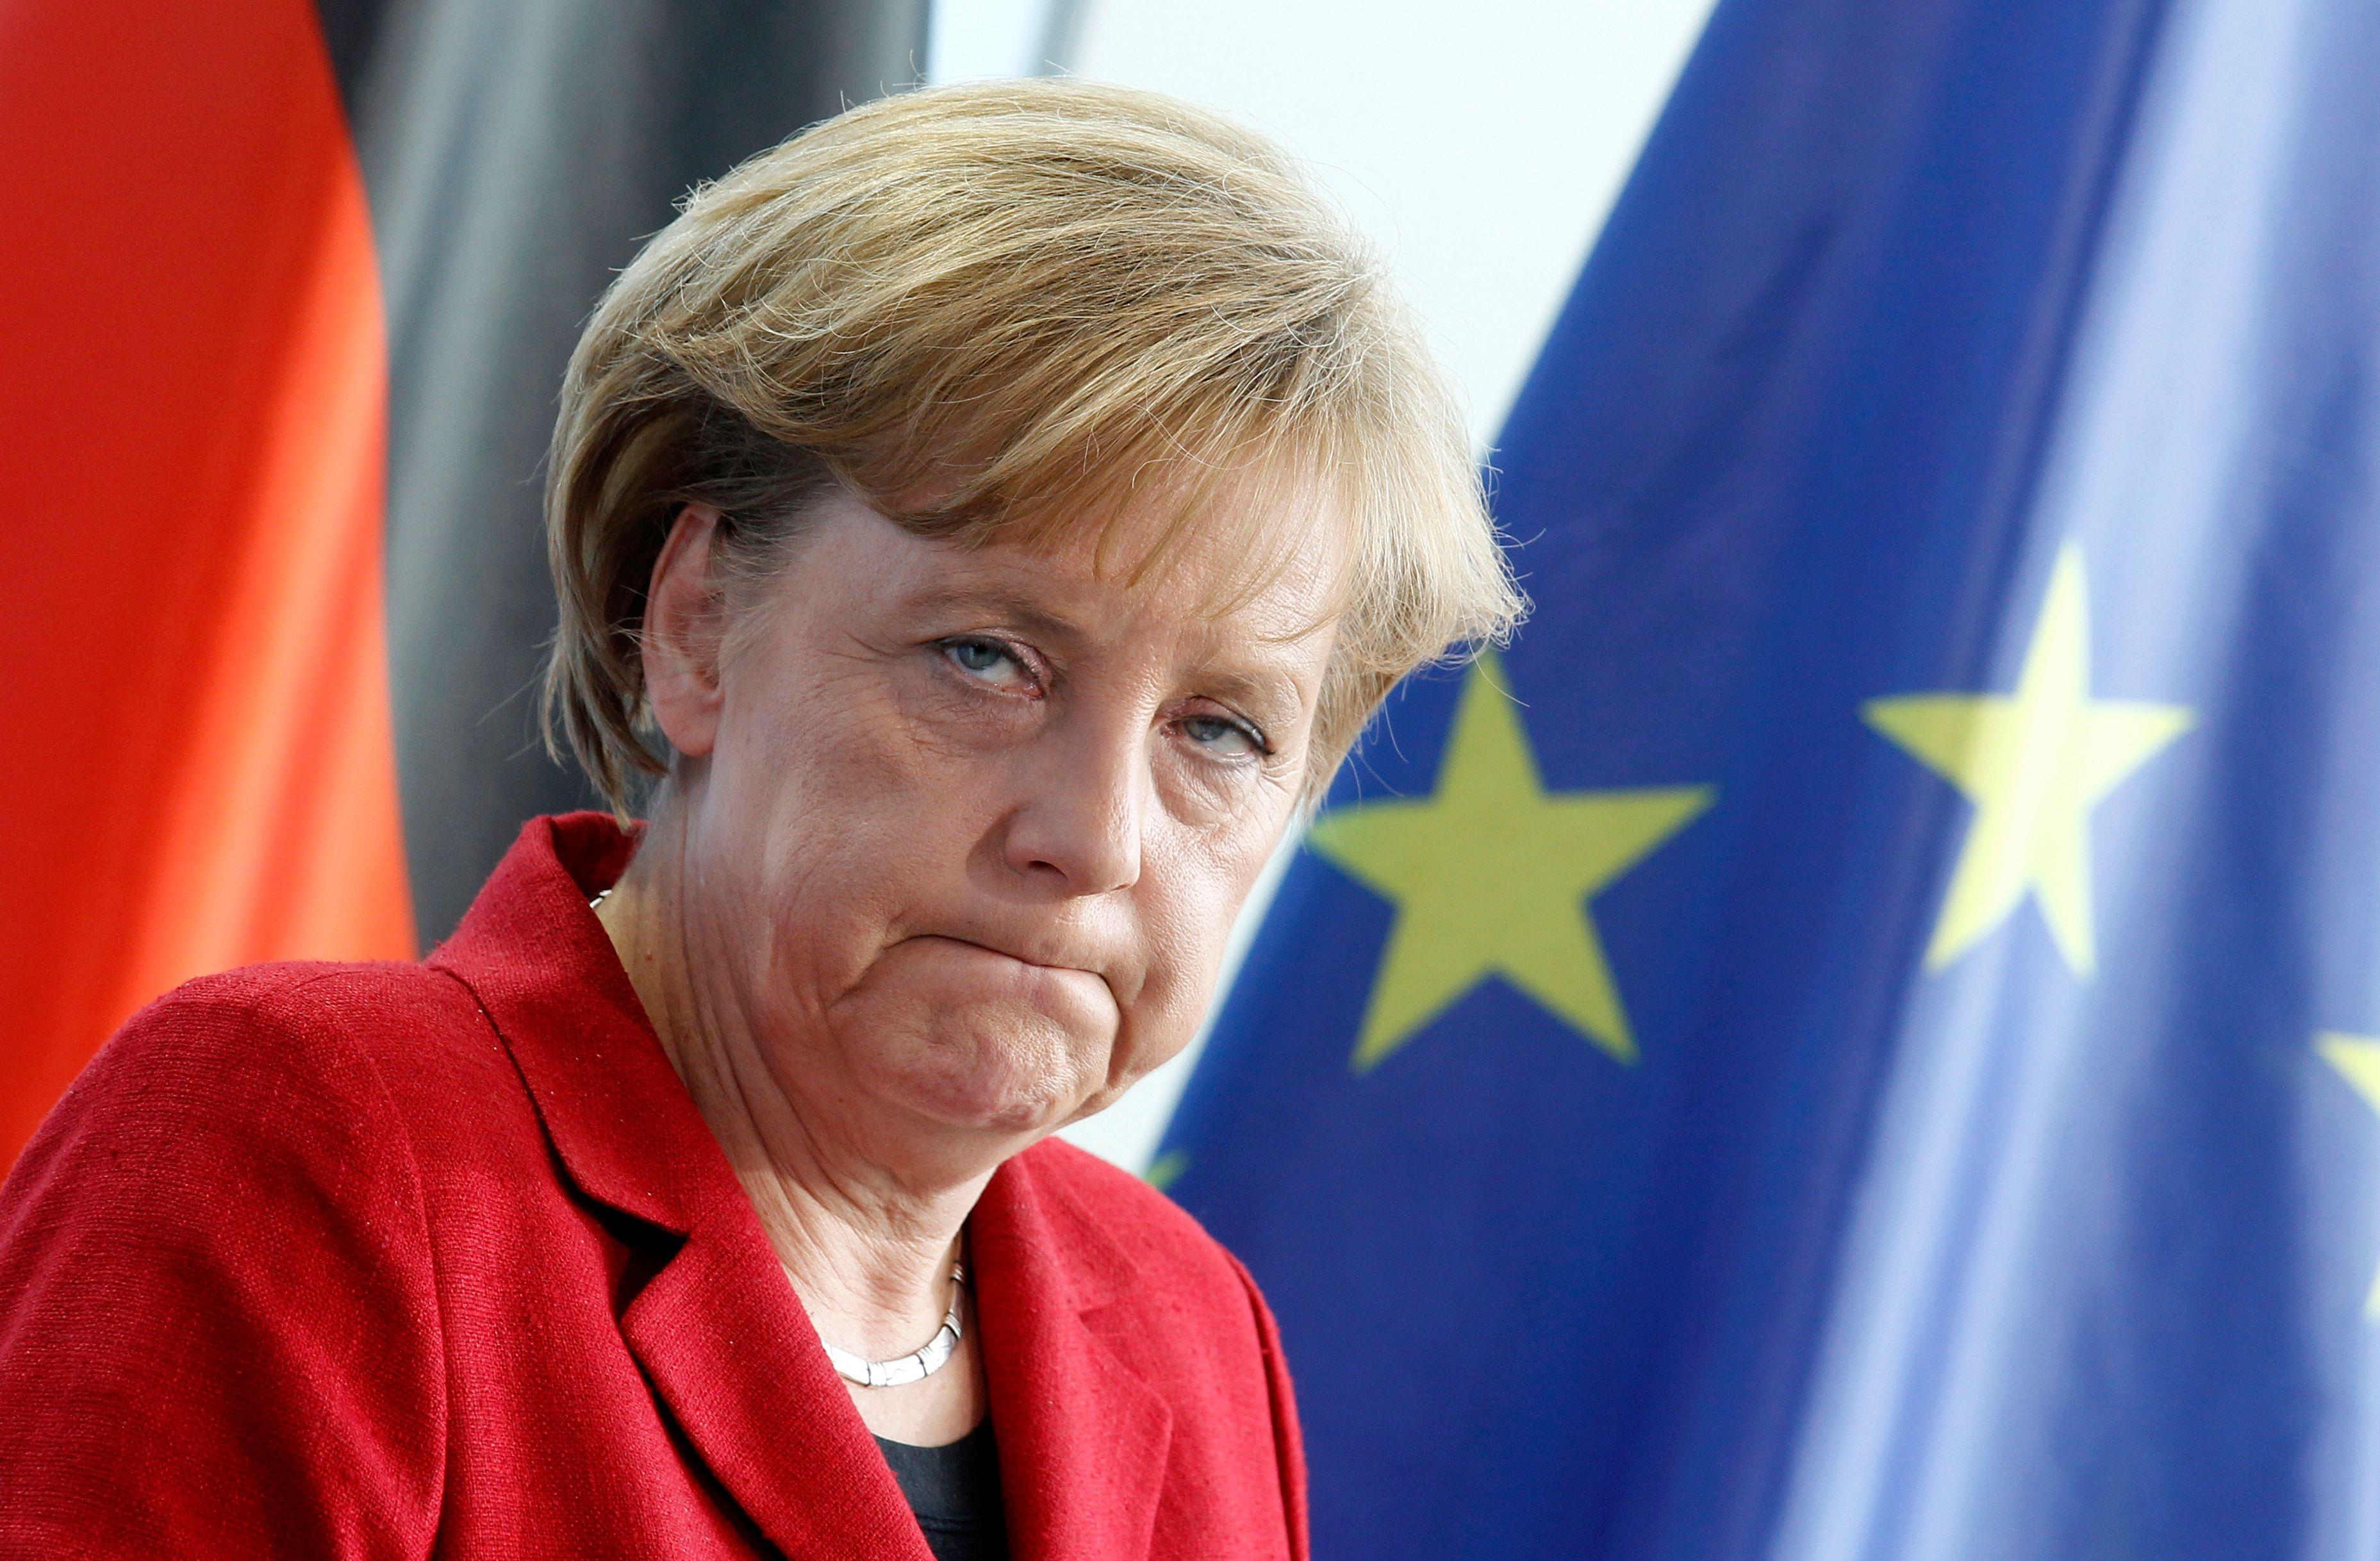 Angela Merkel, enragée par les gaffes à répétition de François Hollande sur la Grèce